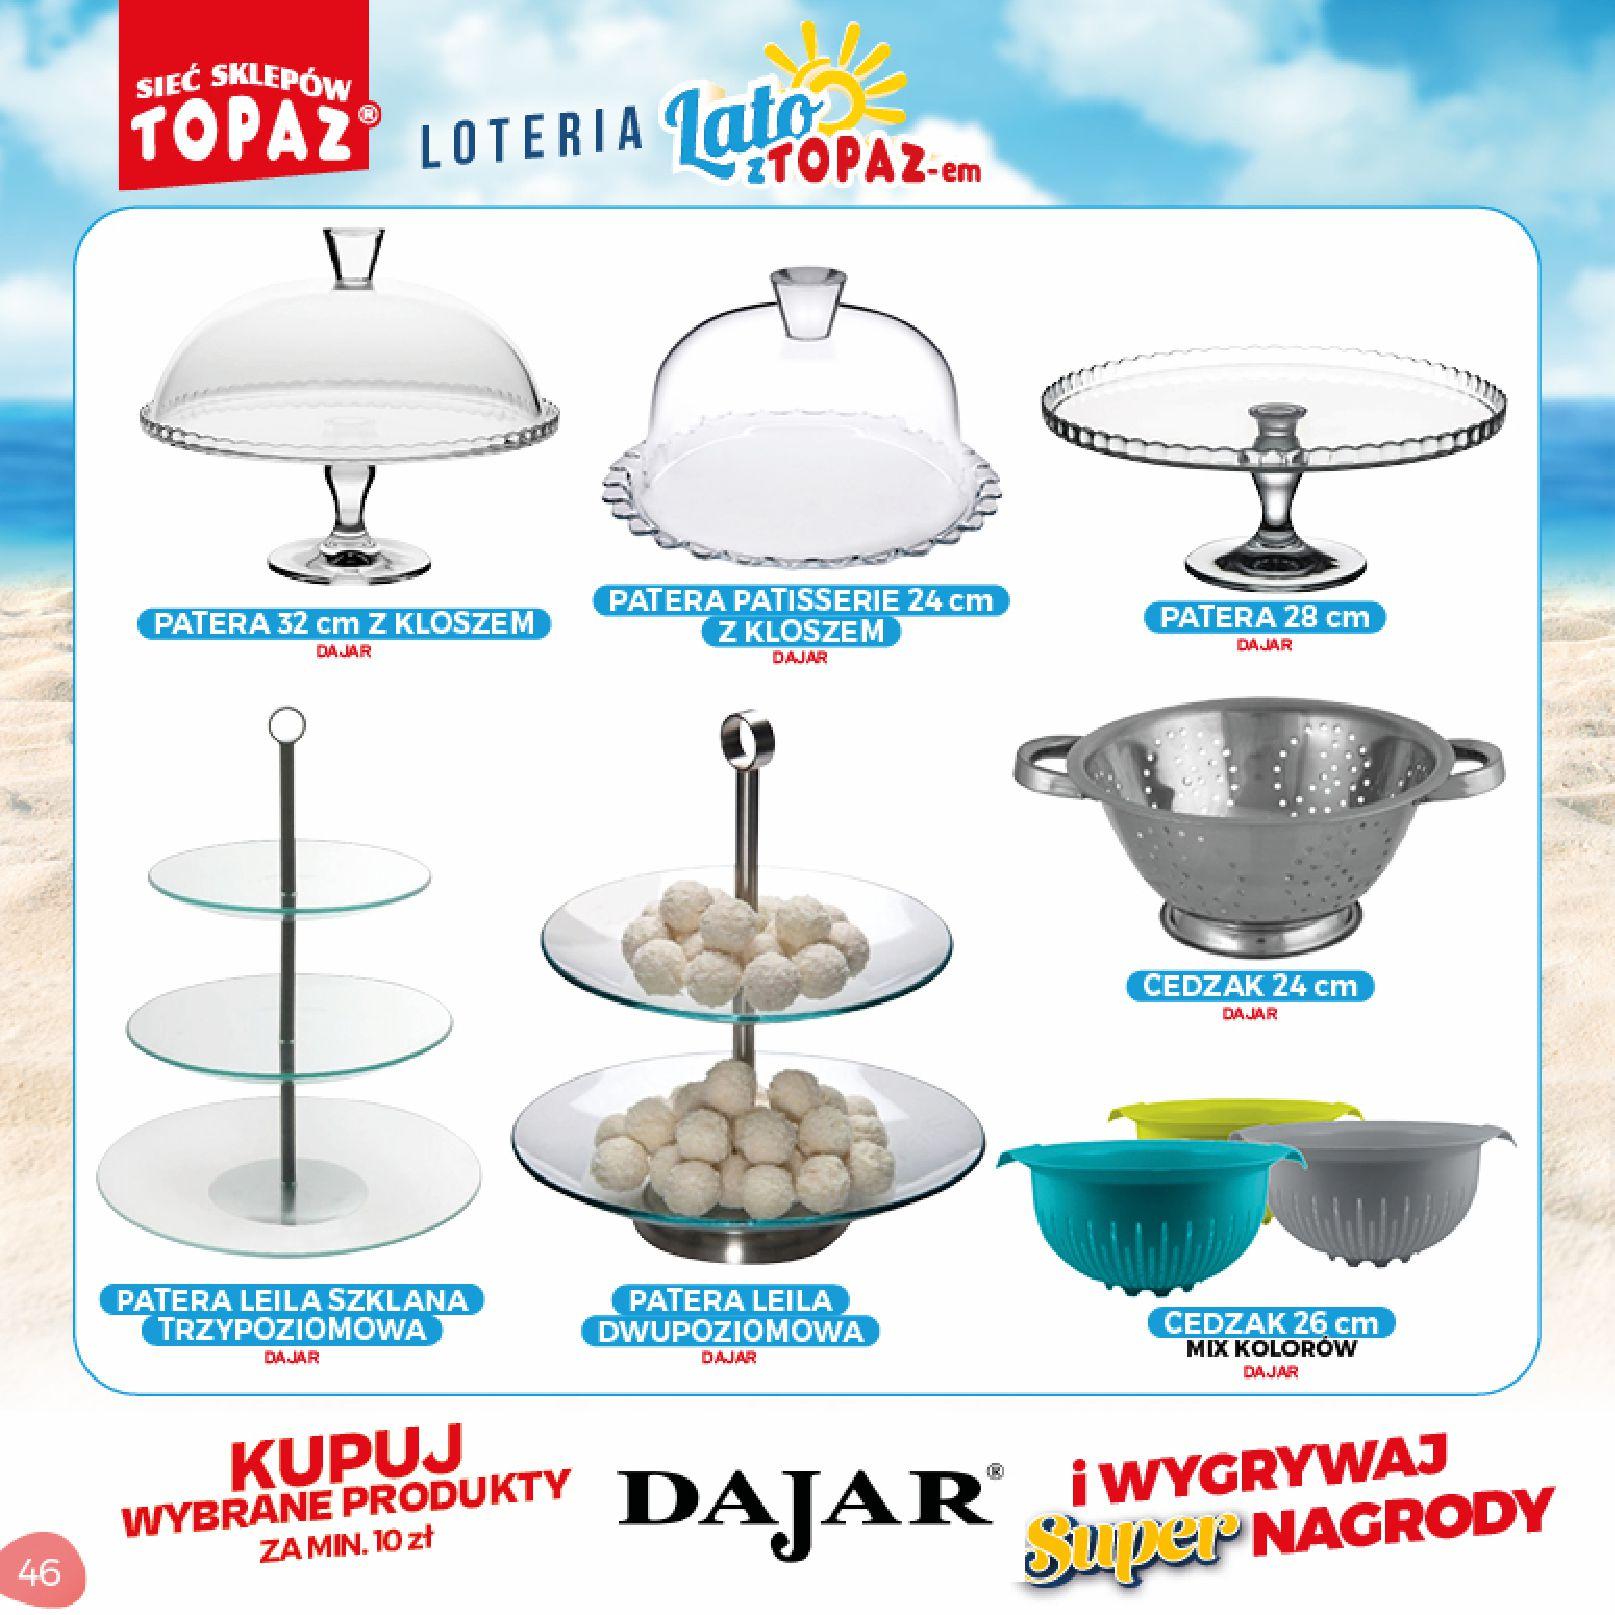 Gazetka TOPAZ: Gazetka TOPAZ - Loteria 2021-07-05 page-46